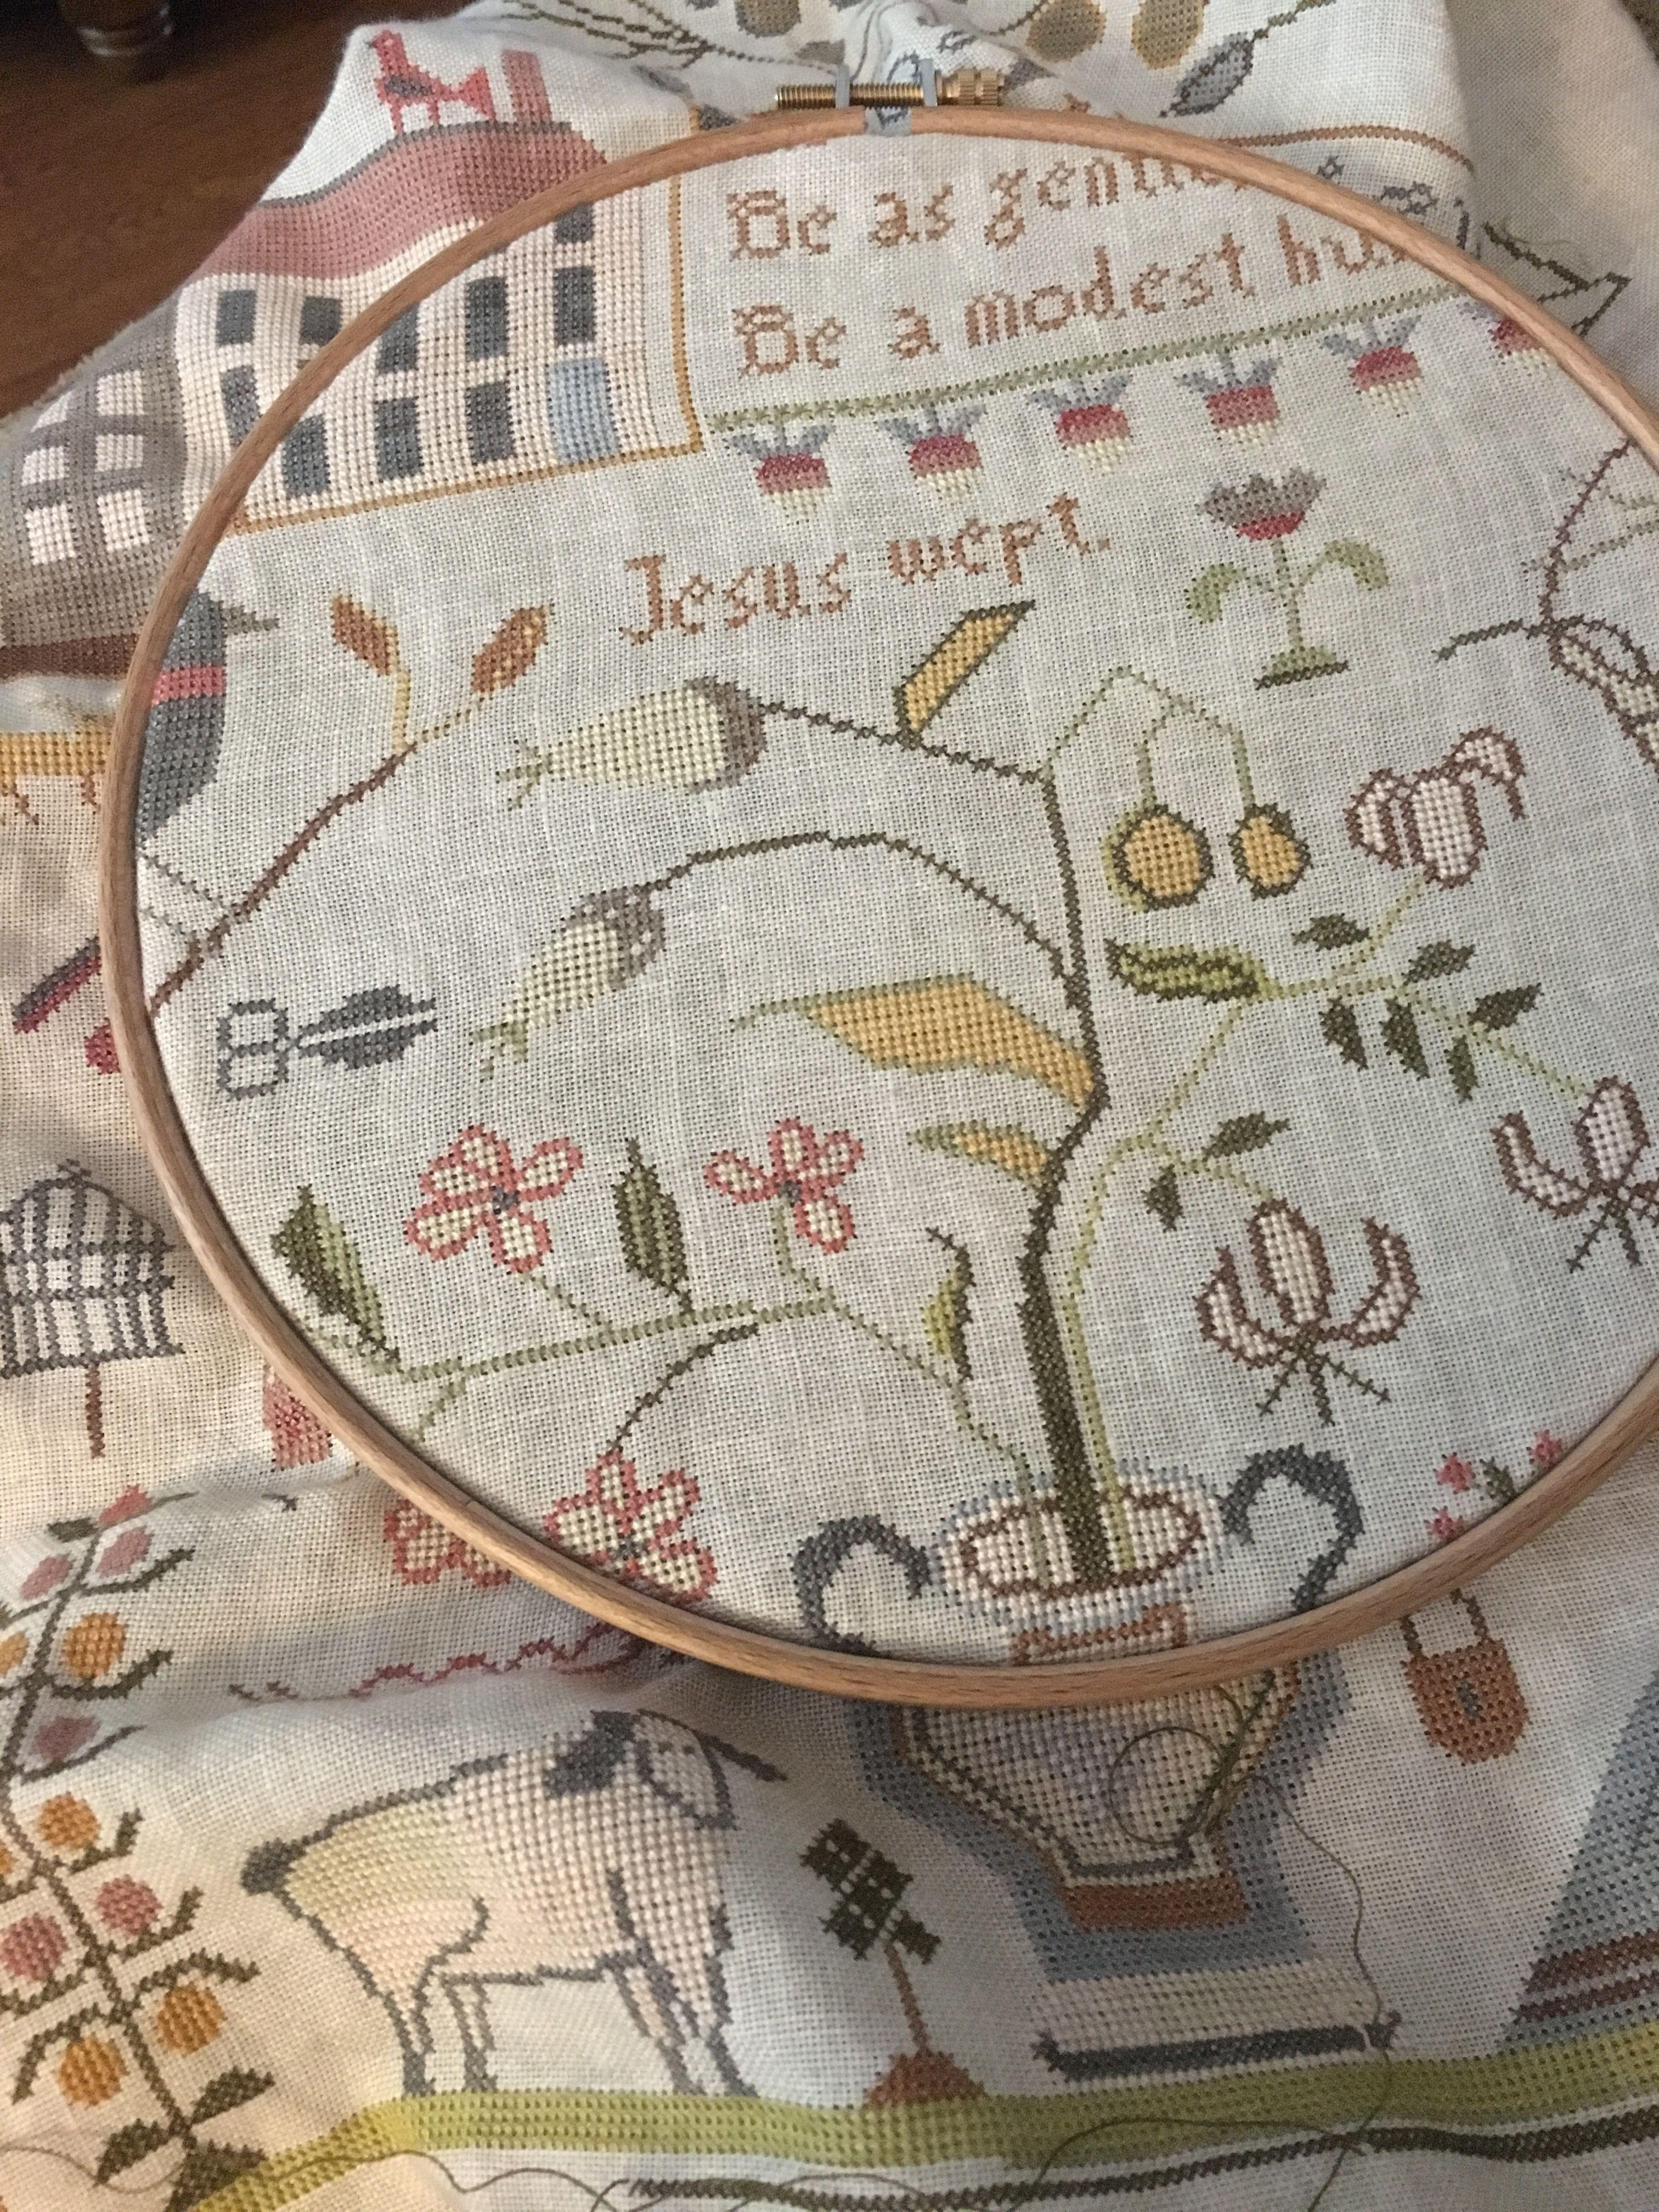 The Sweet Temper Sampler Shakespeare/'s Peddler Cross Stitch Pattern